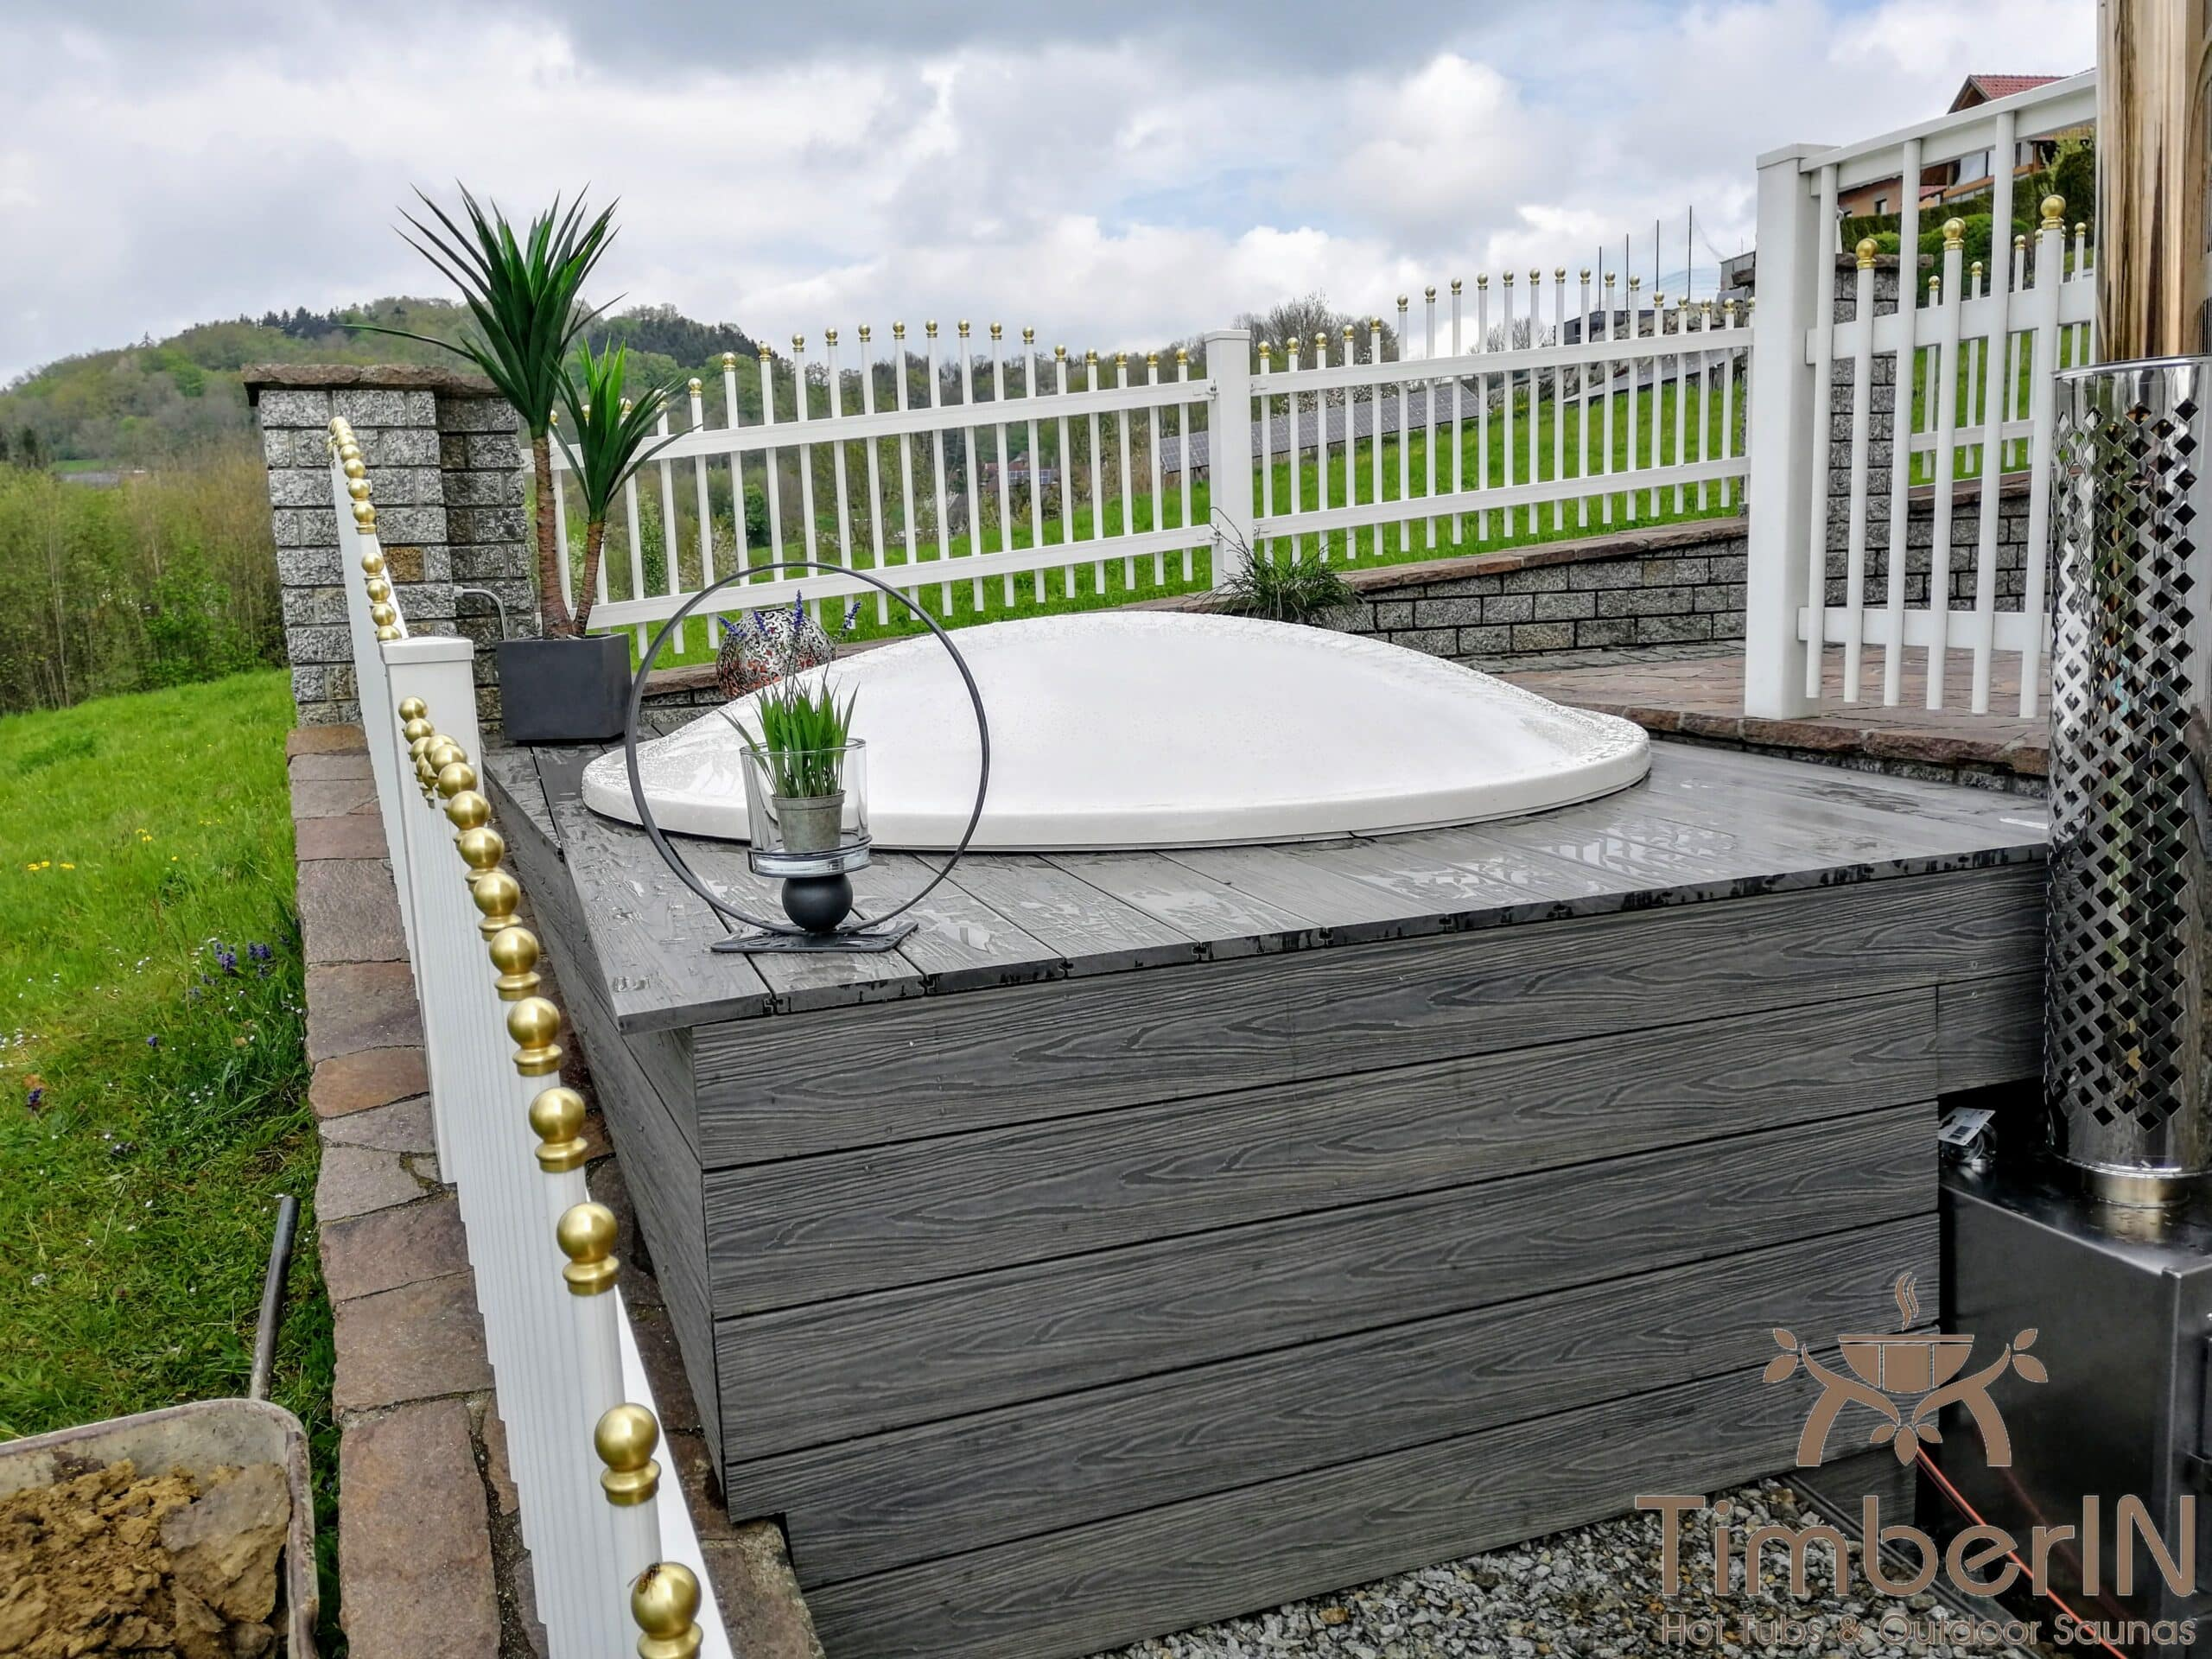 Badezuber Badefass Einbaumodell Einsatz Eingraben Eingelassen 1 1 scaled